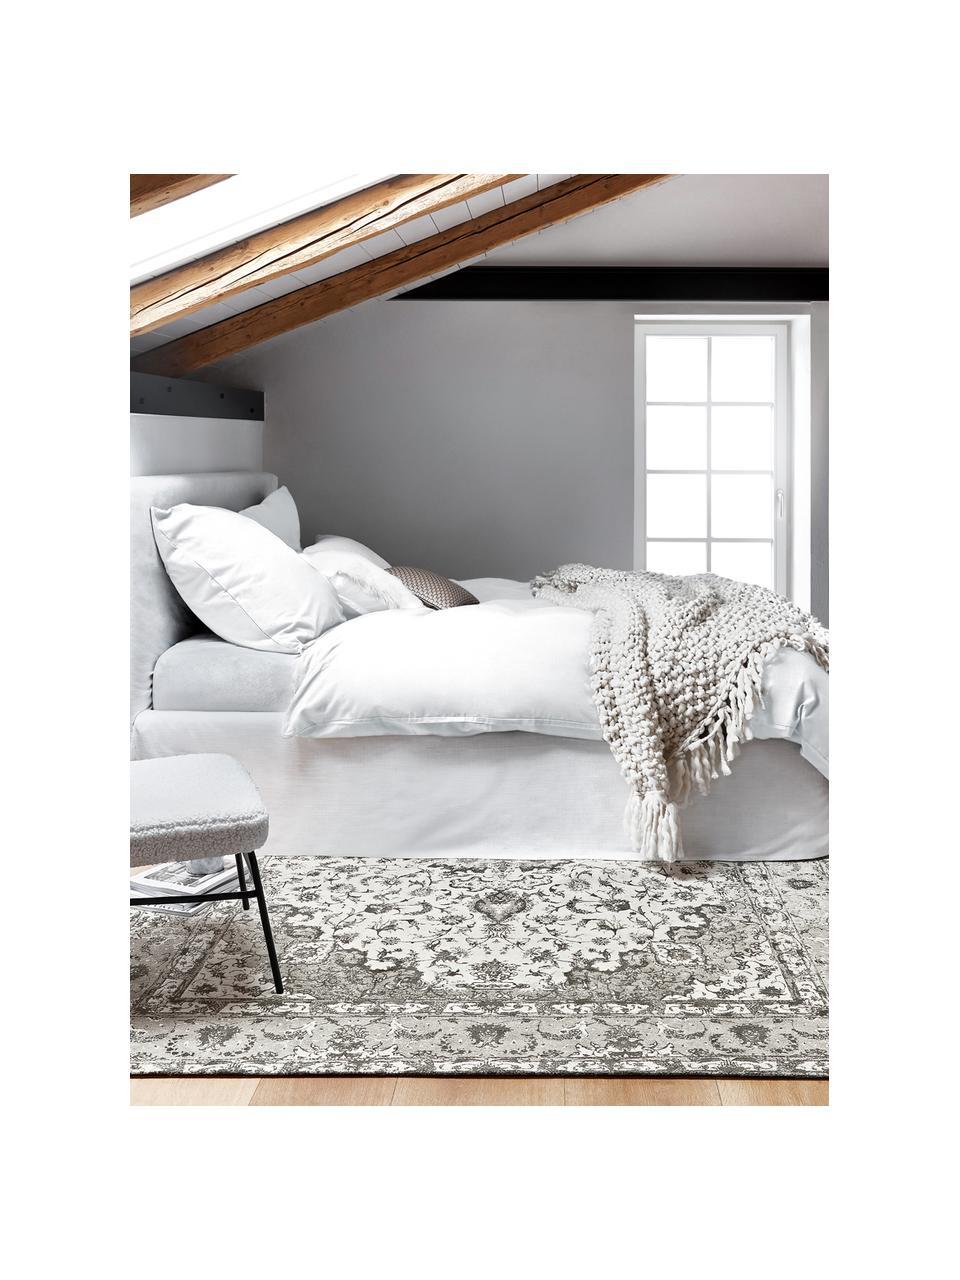 Pościel z flaneli Biba, Biały, 135 x 200 cm + 1 poduszka 80 x 80 cm